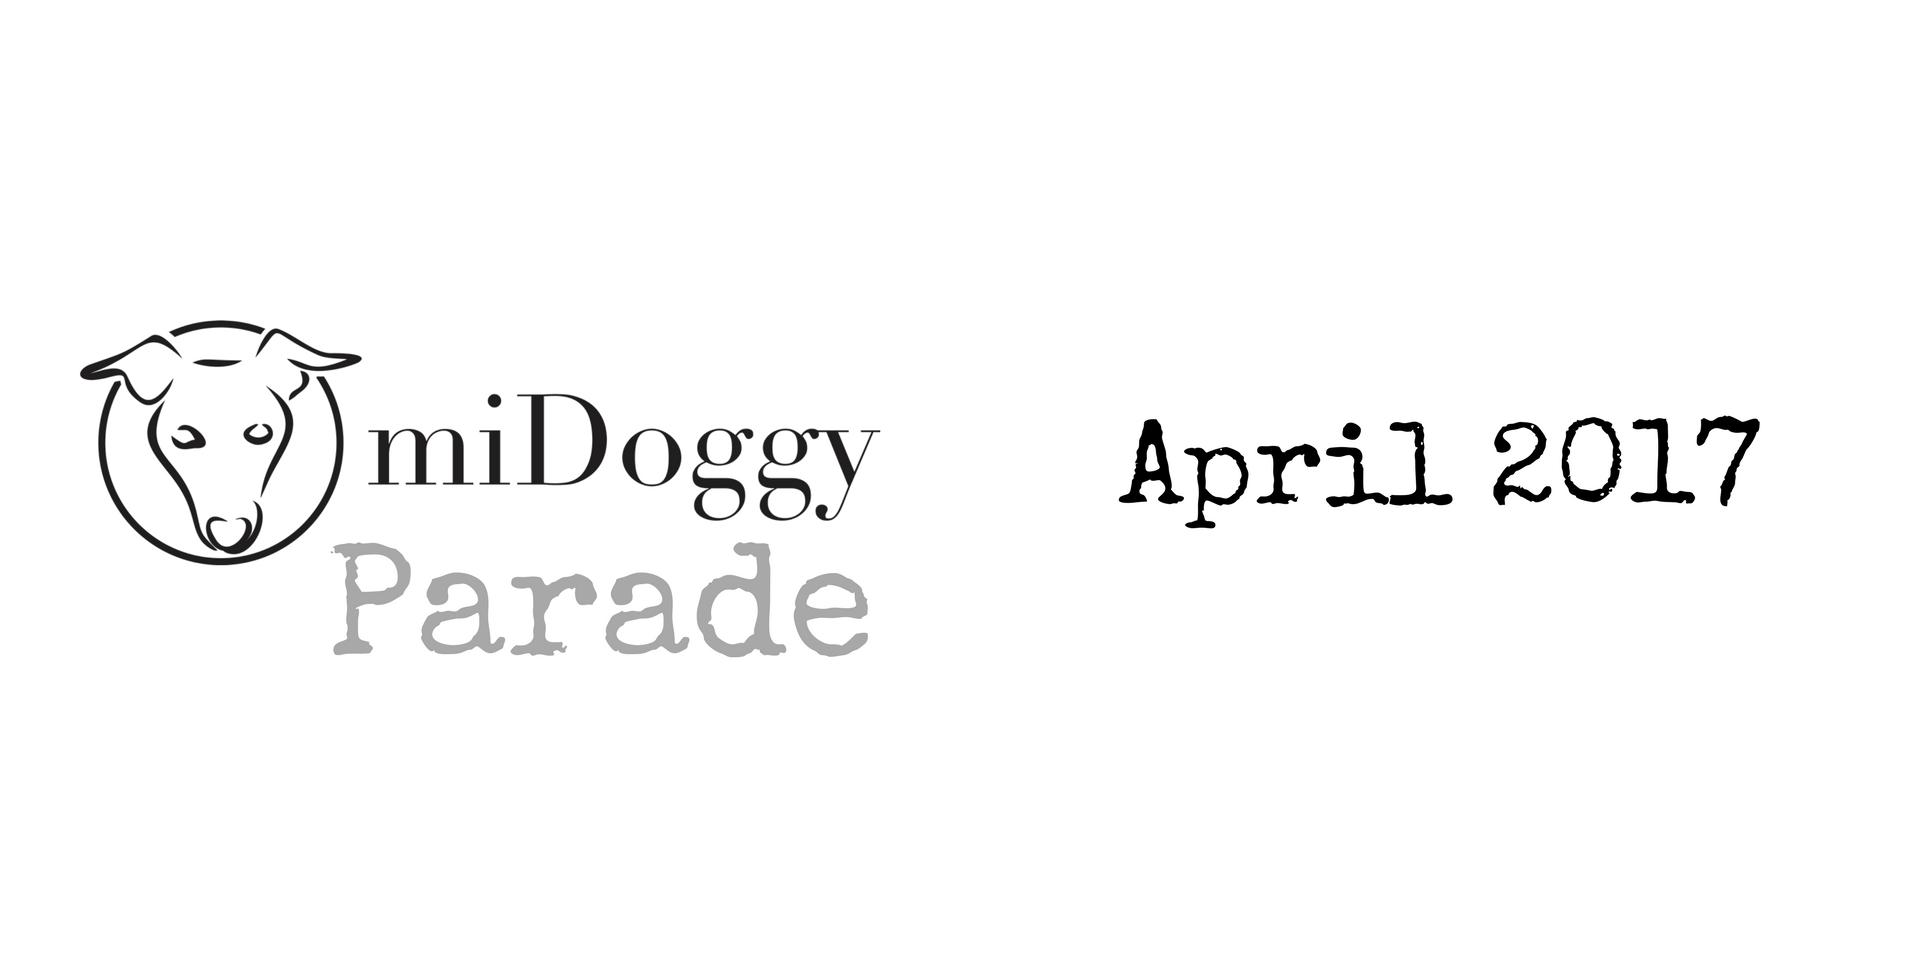 miDoggy Parade Blogparade Hundeblogger April 2017